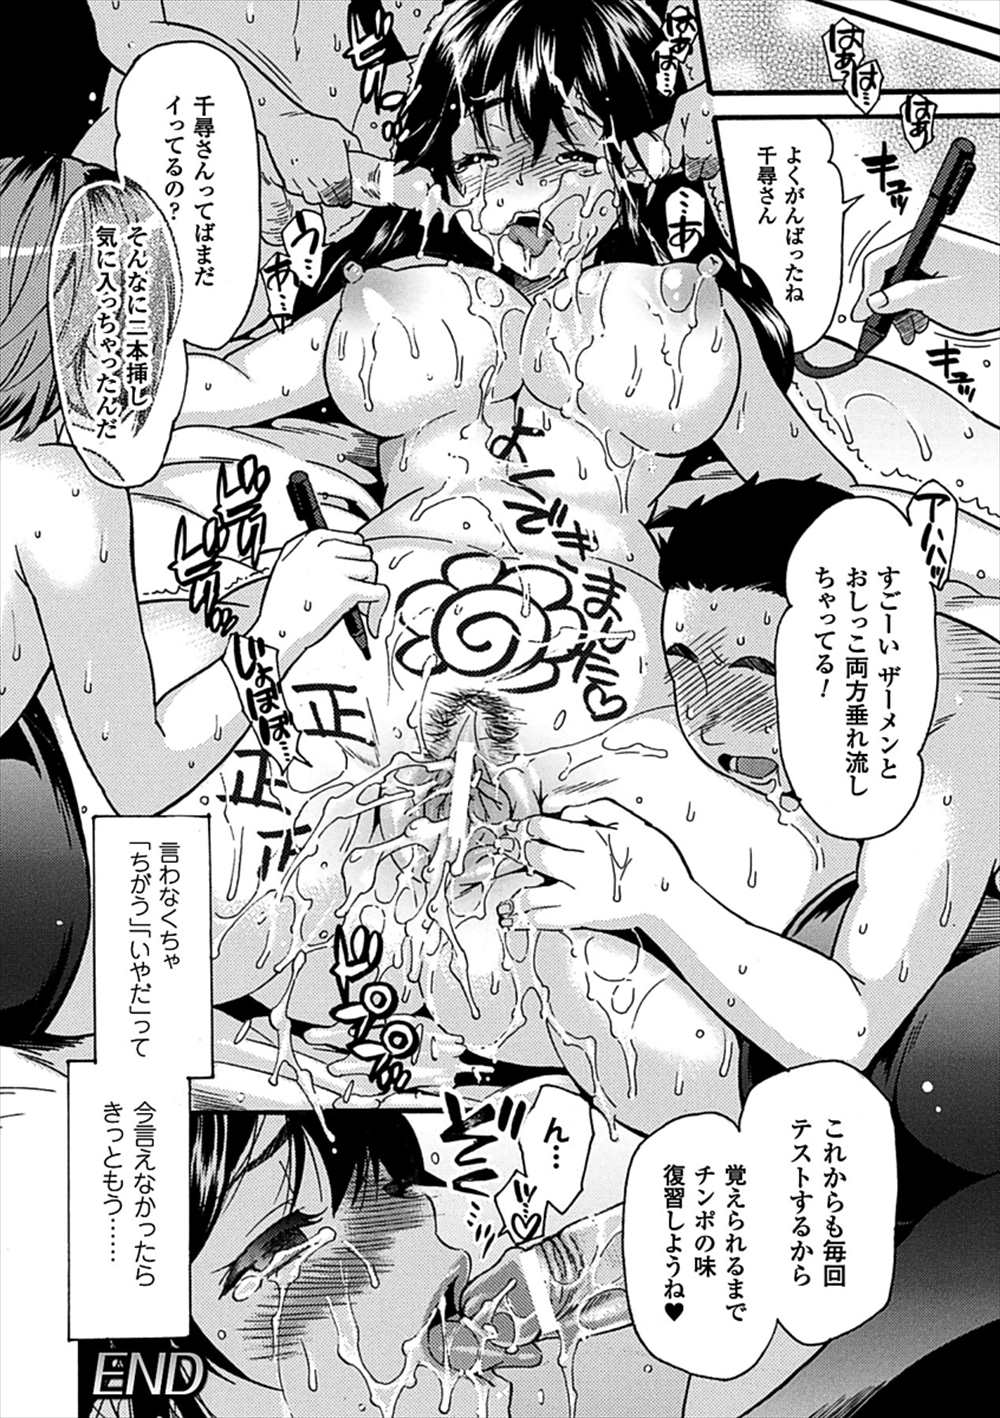 【エロ漫画】ショタに騙されたJDは目隠し拘束されて童貞ショタたちに輪姦乱交レイプされるwww